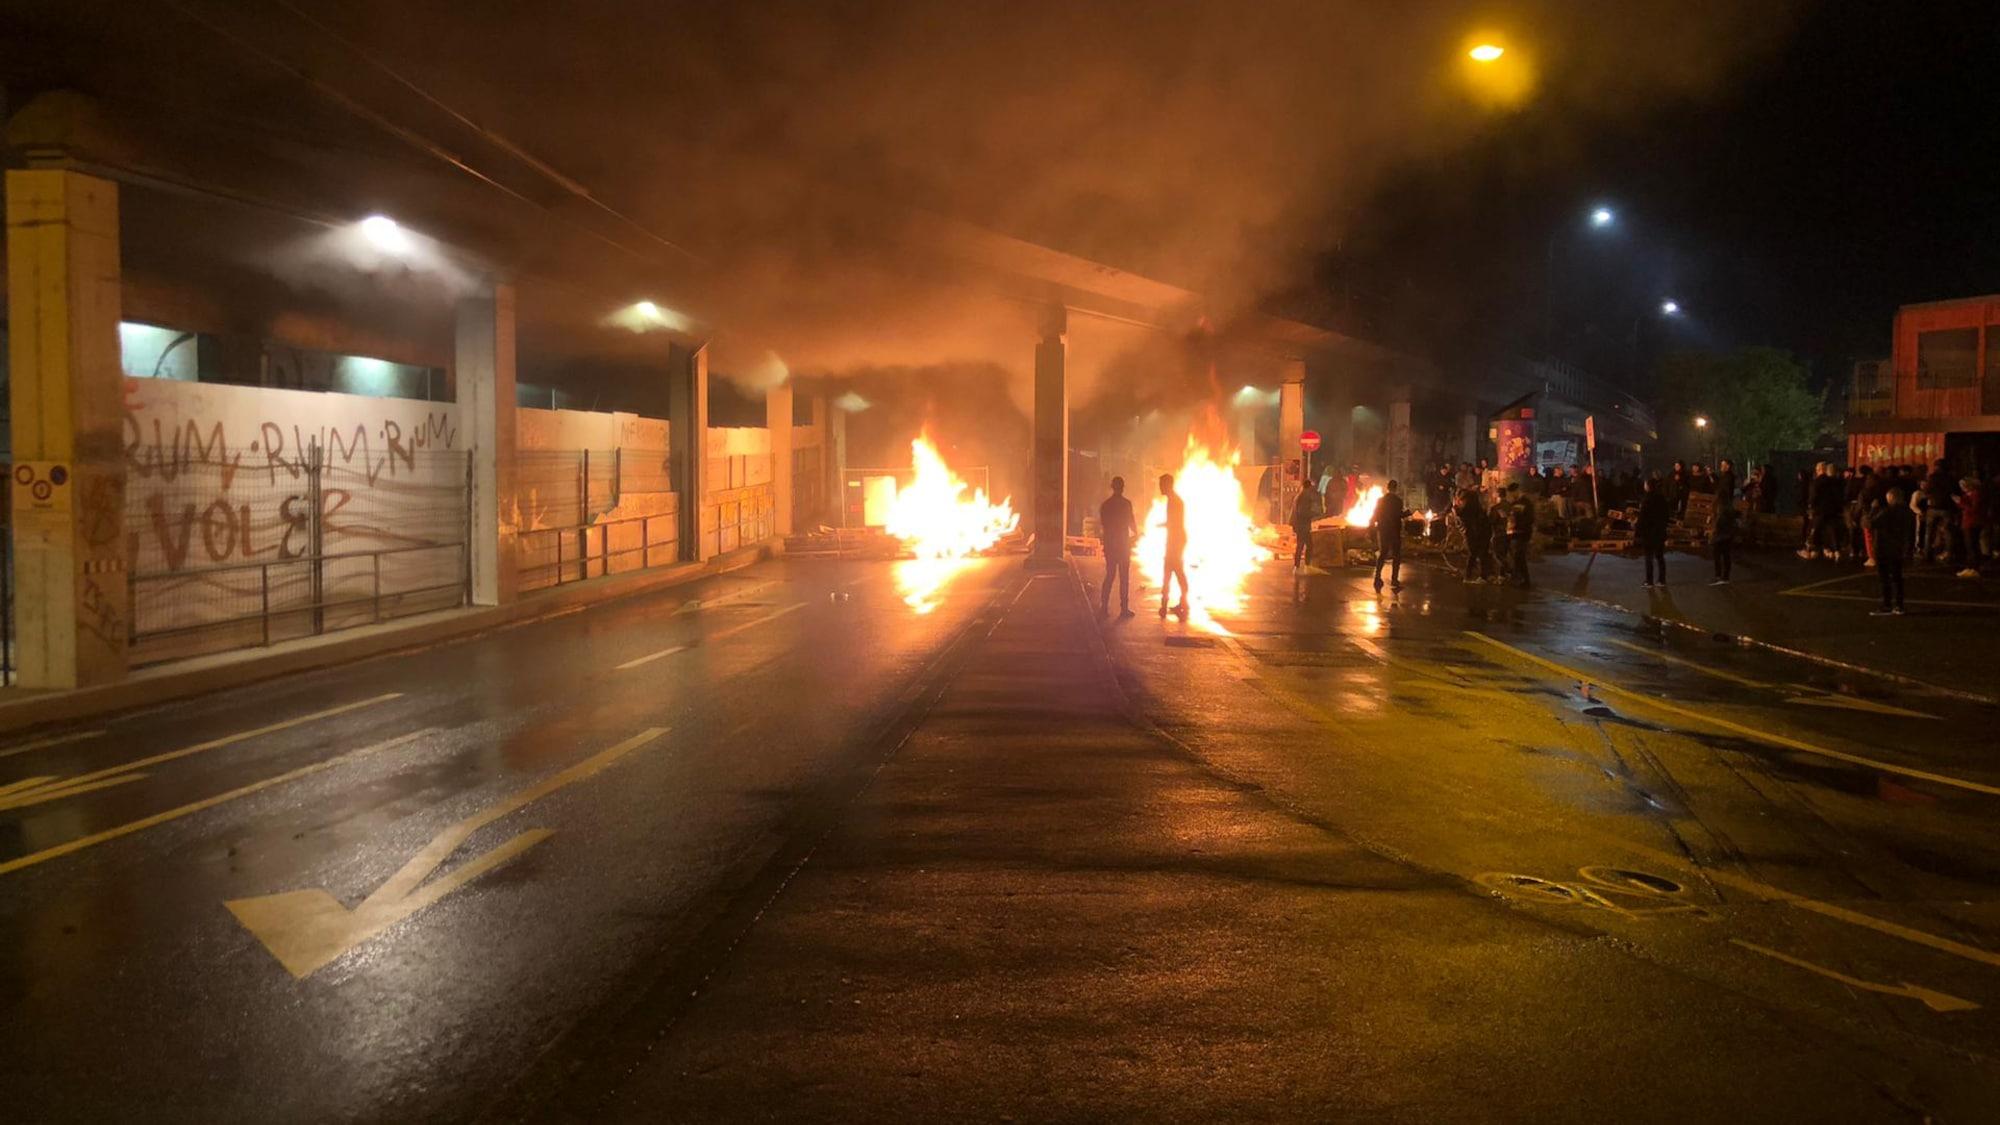 Ausschreitungen bei der Berner Reitschule: Brandanschläge und Angriffe auf Polizei